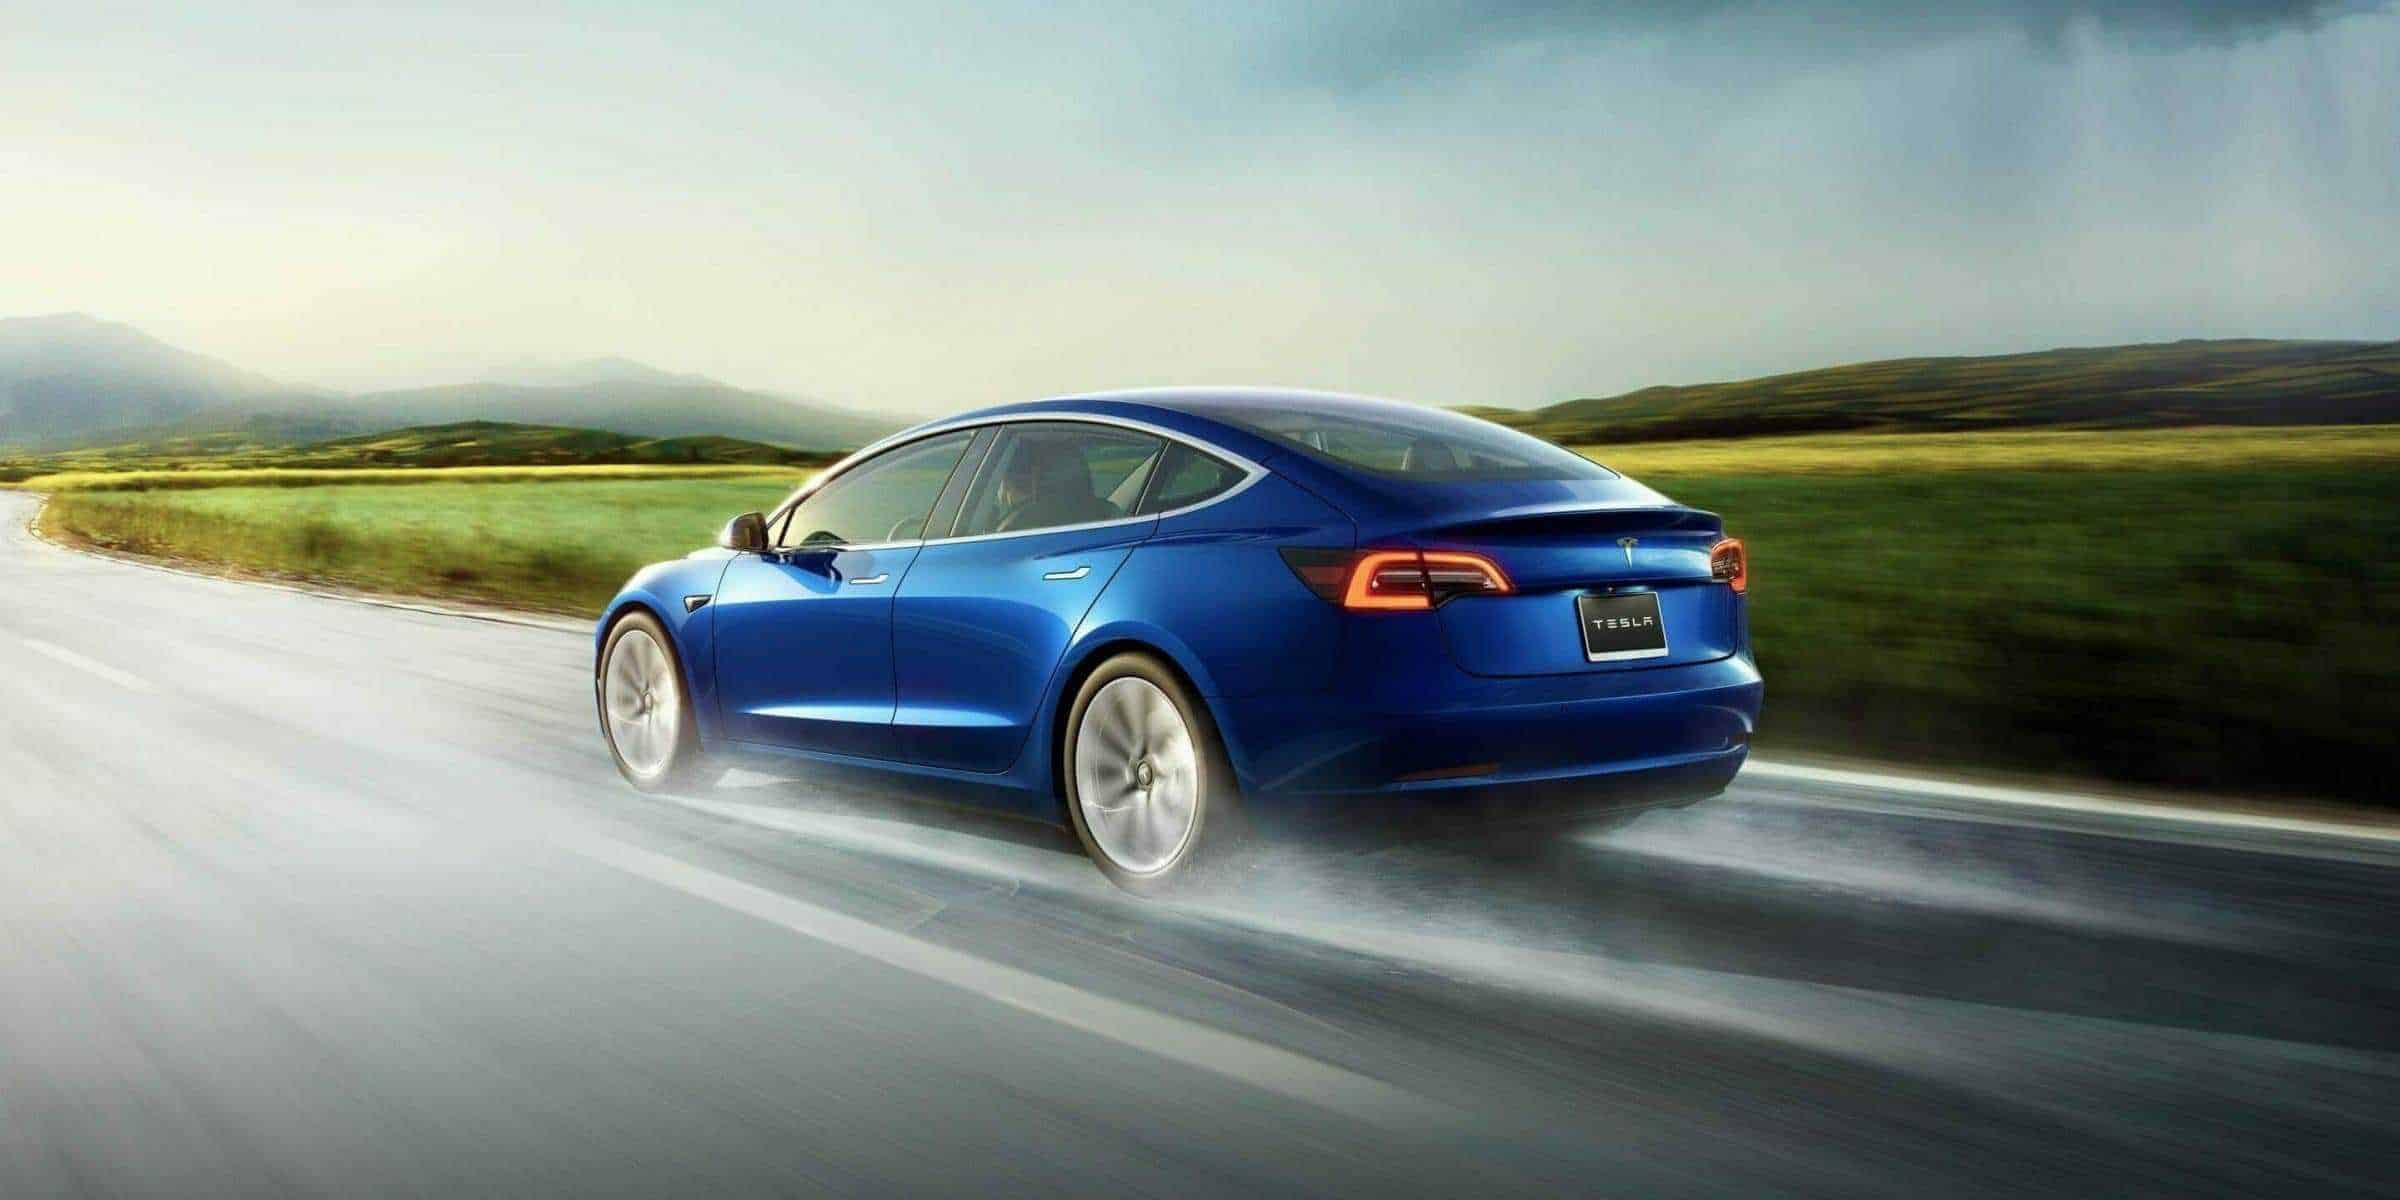 Tesla straft Kritiker mit neuen Rekorden in Produktion und Auslieferung: Model 3 im Hoch